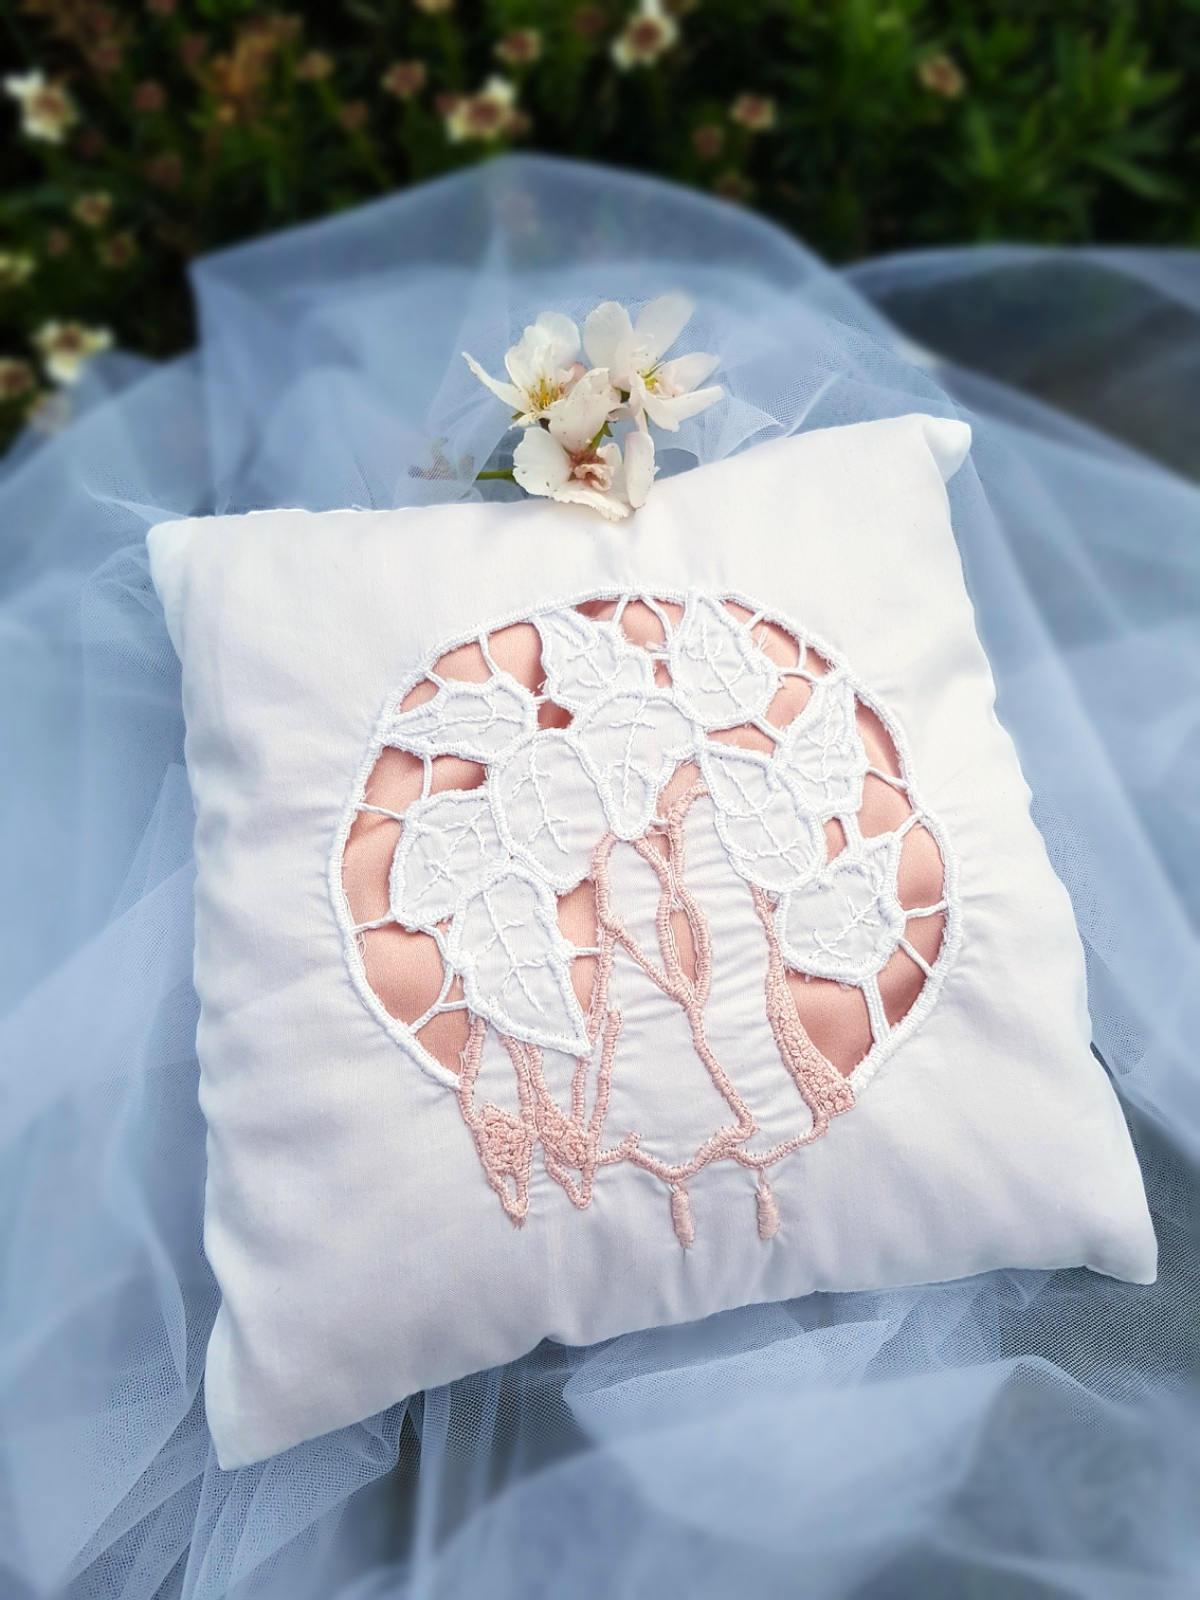 Art deco richelieu embroidered ring bearer Ring pillow Art deco